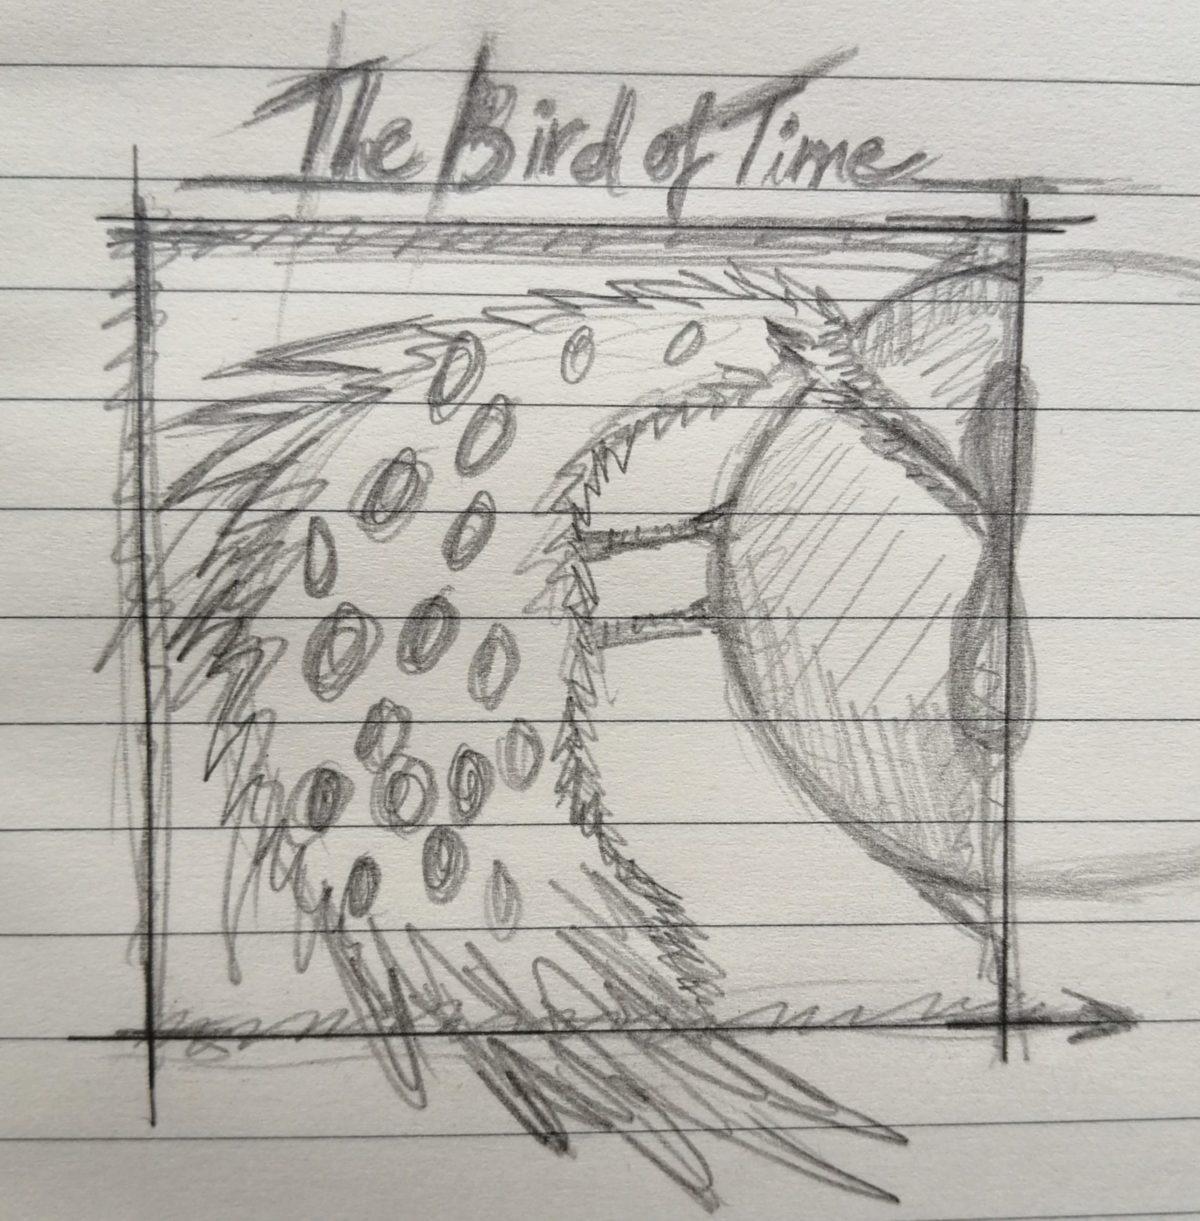 Bird of Time